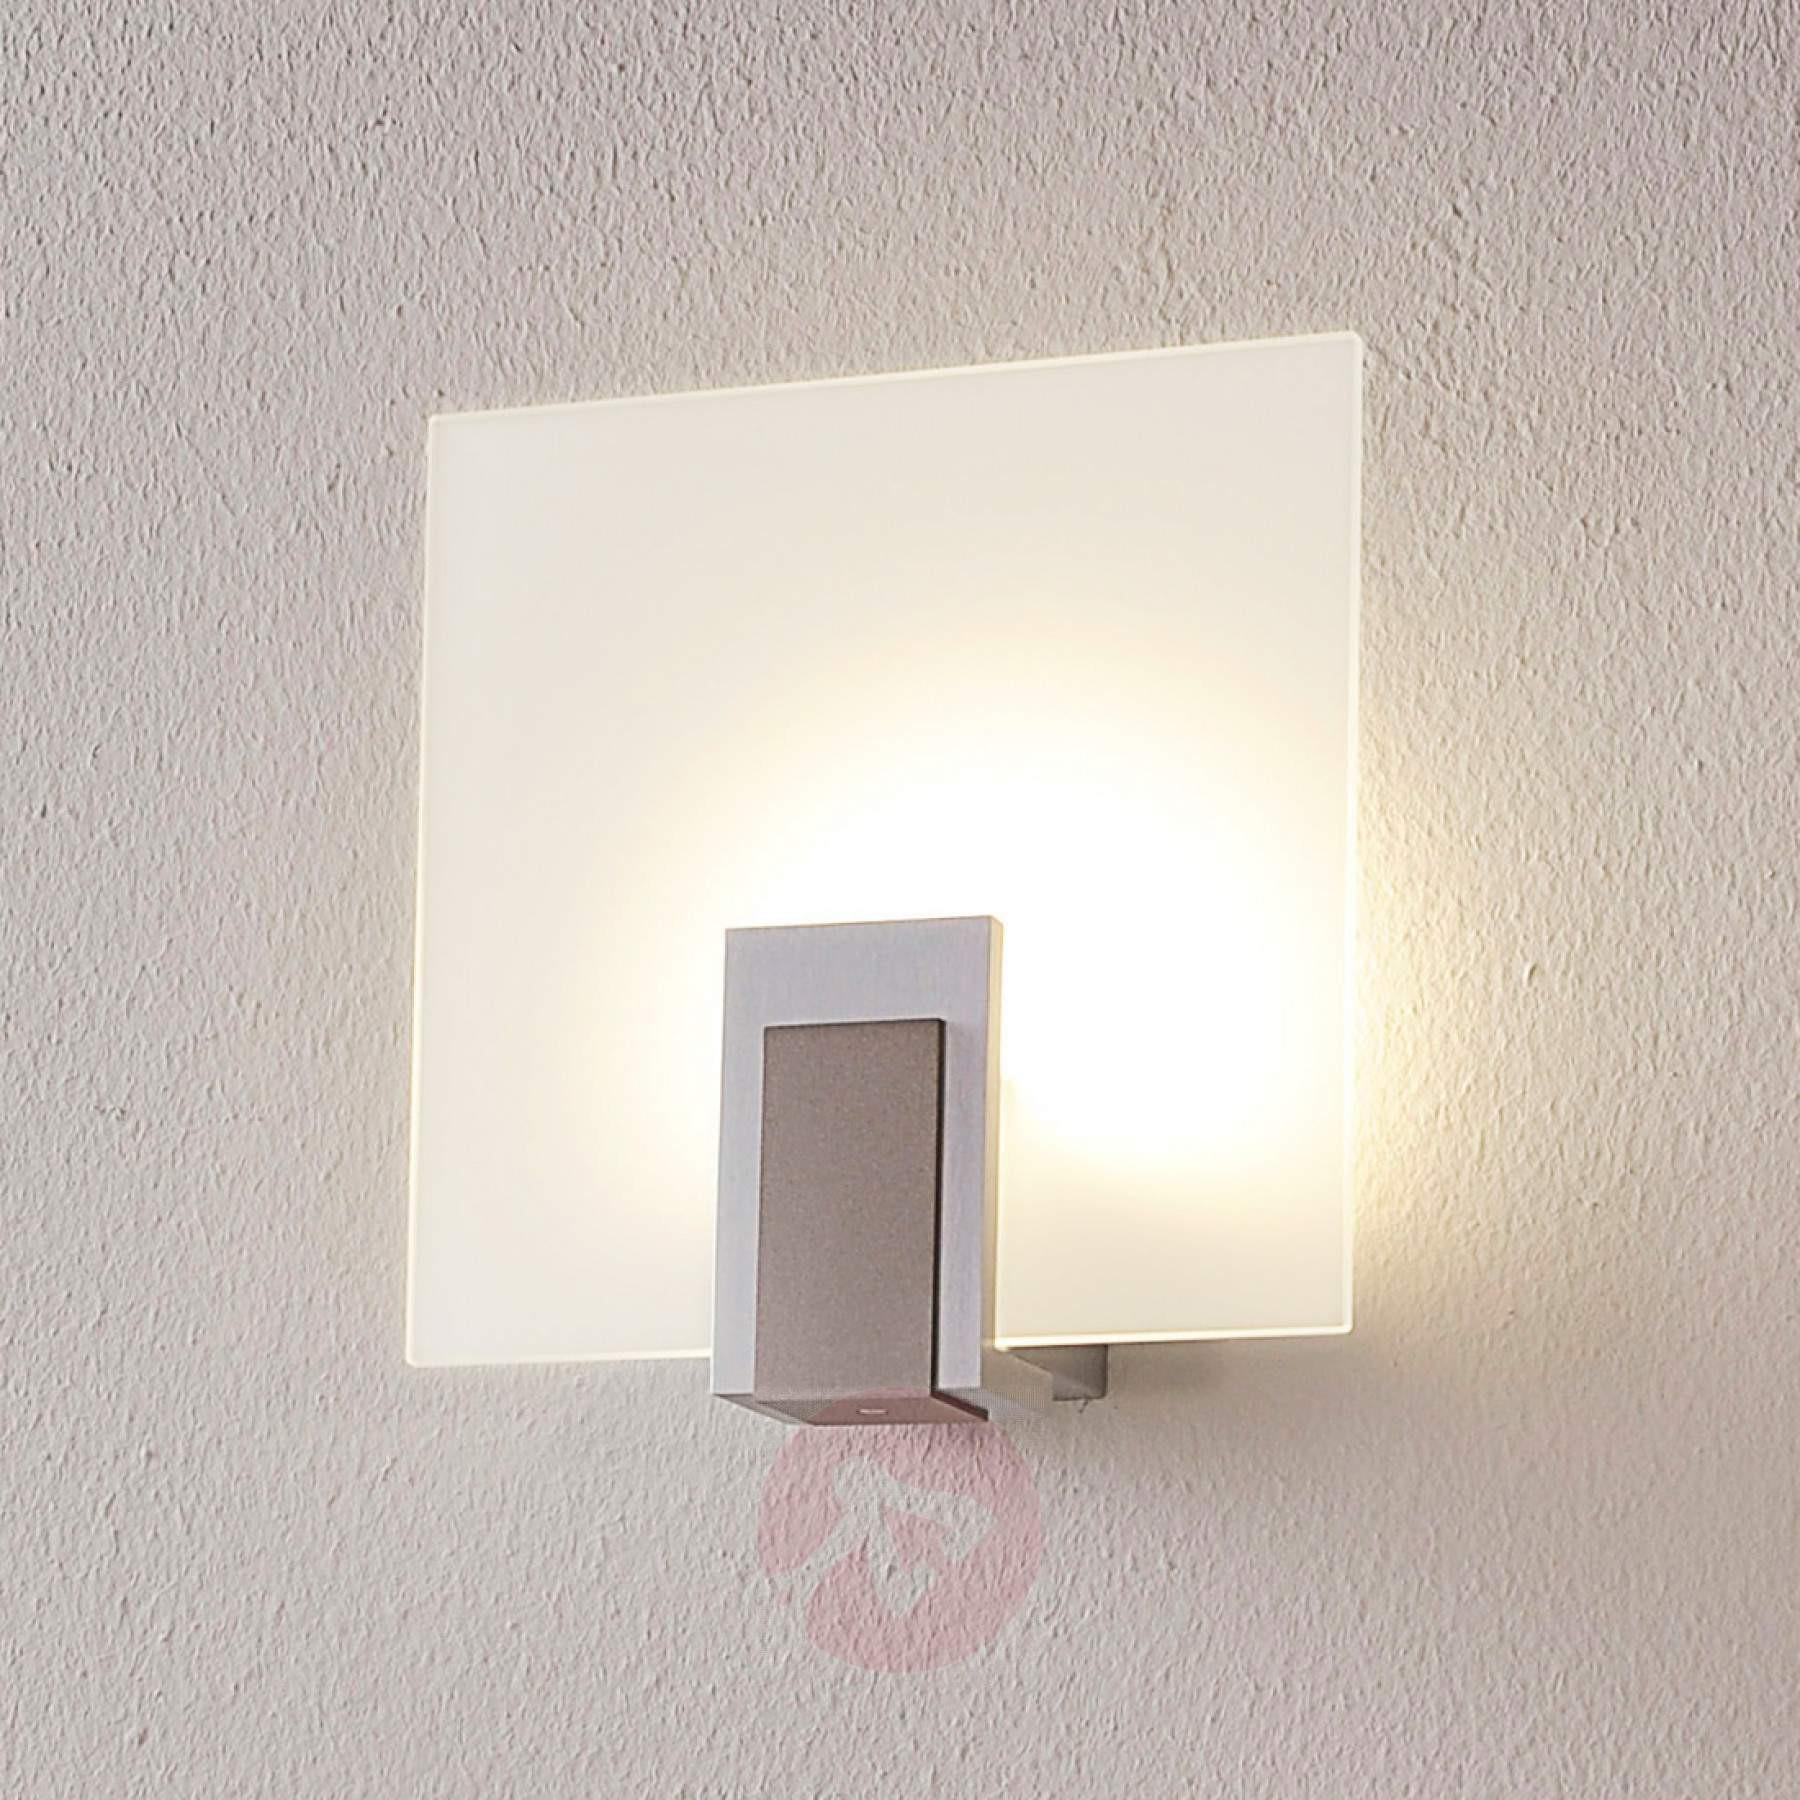 Wandlampe Mit Schalter  Glas Wandlampe Sara mit LED und Schalter